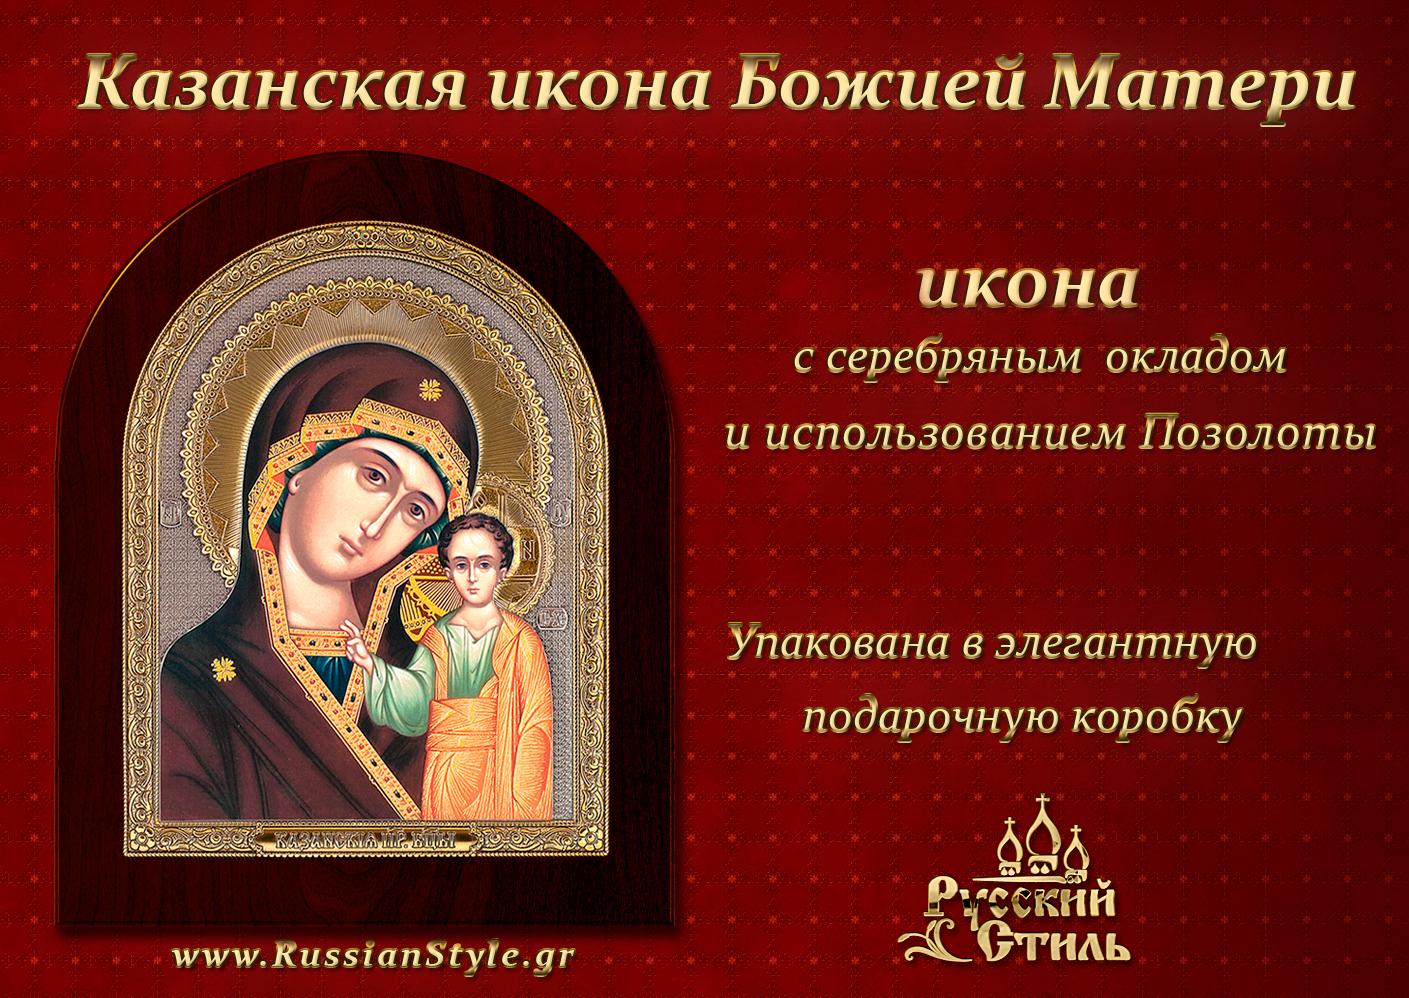 Поздравления с Днем Казанской иконы Божией Матери 82